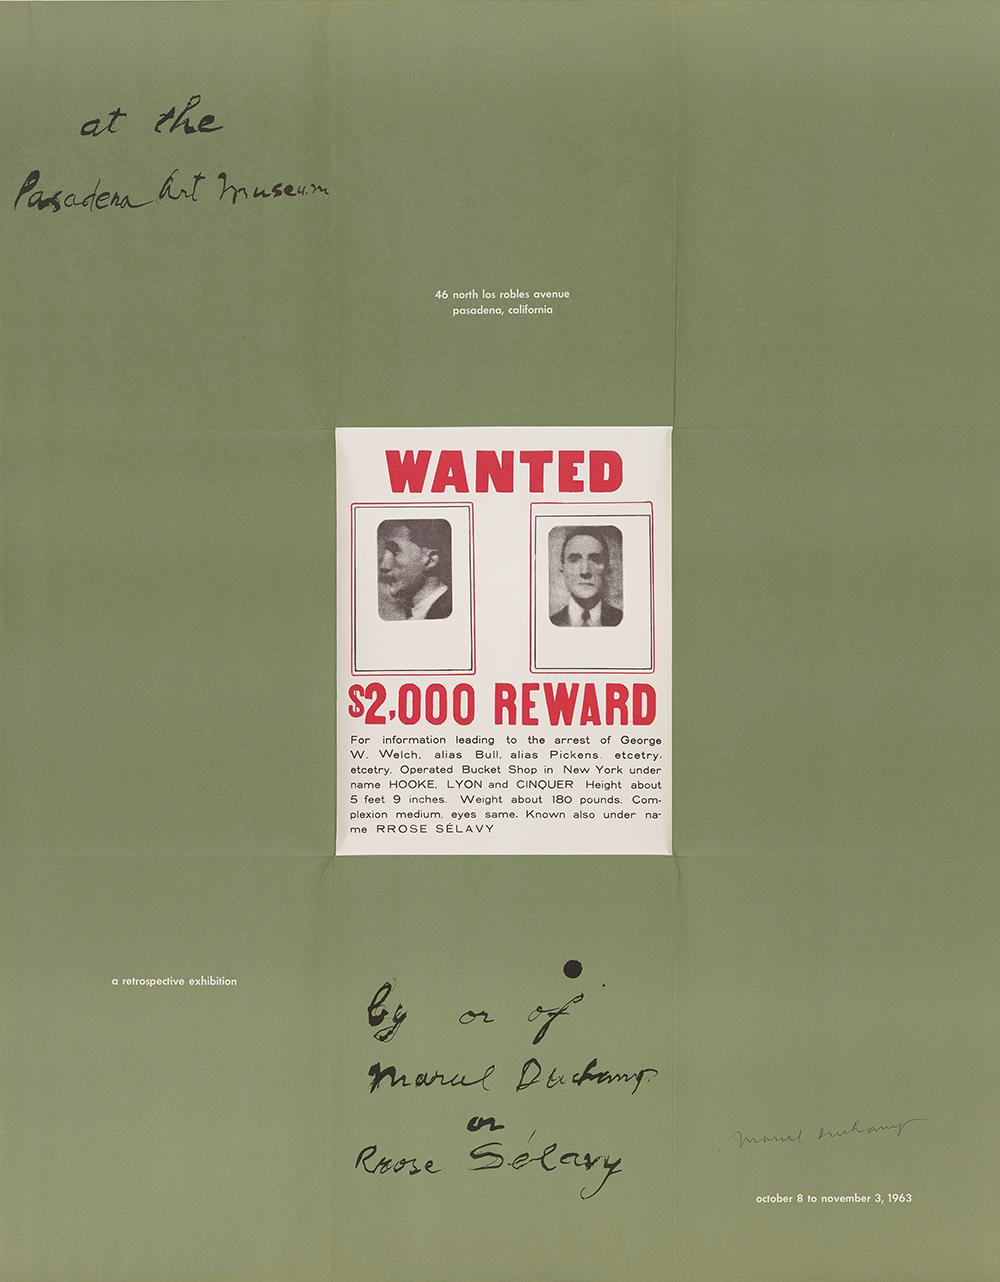 전시를 위한 , 1963, 오프셋 석판인쇄 포스터, 87.5×69.1cm, Philadelphia Museum of Art: Gift of Jacqueline, Paul, and Peter Matisse in memory of their mother, Alexina Duchamp, 1998 © Association Marcel Duchamp / ADAGP, Paris – SACK, Seoul, 2018